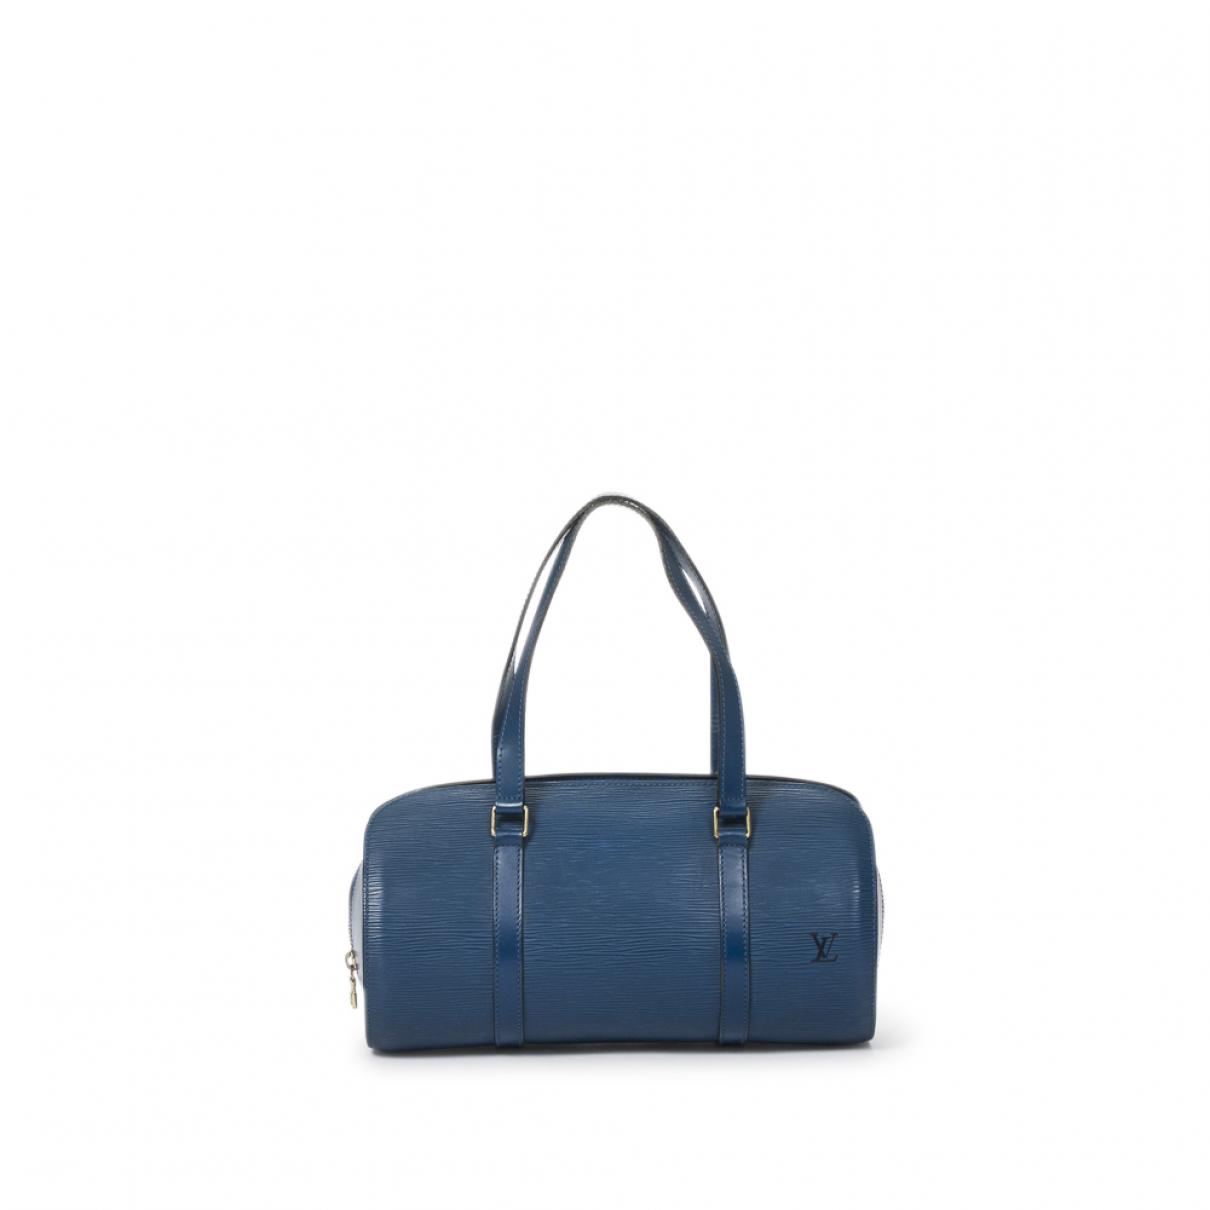 Bolso Soufflot de Cuero Louis Vuitton